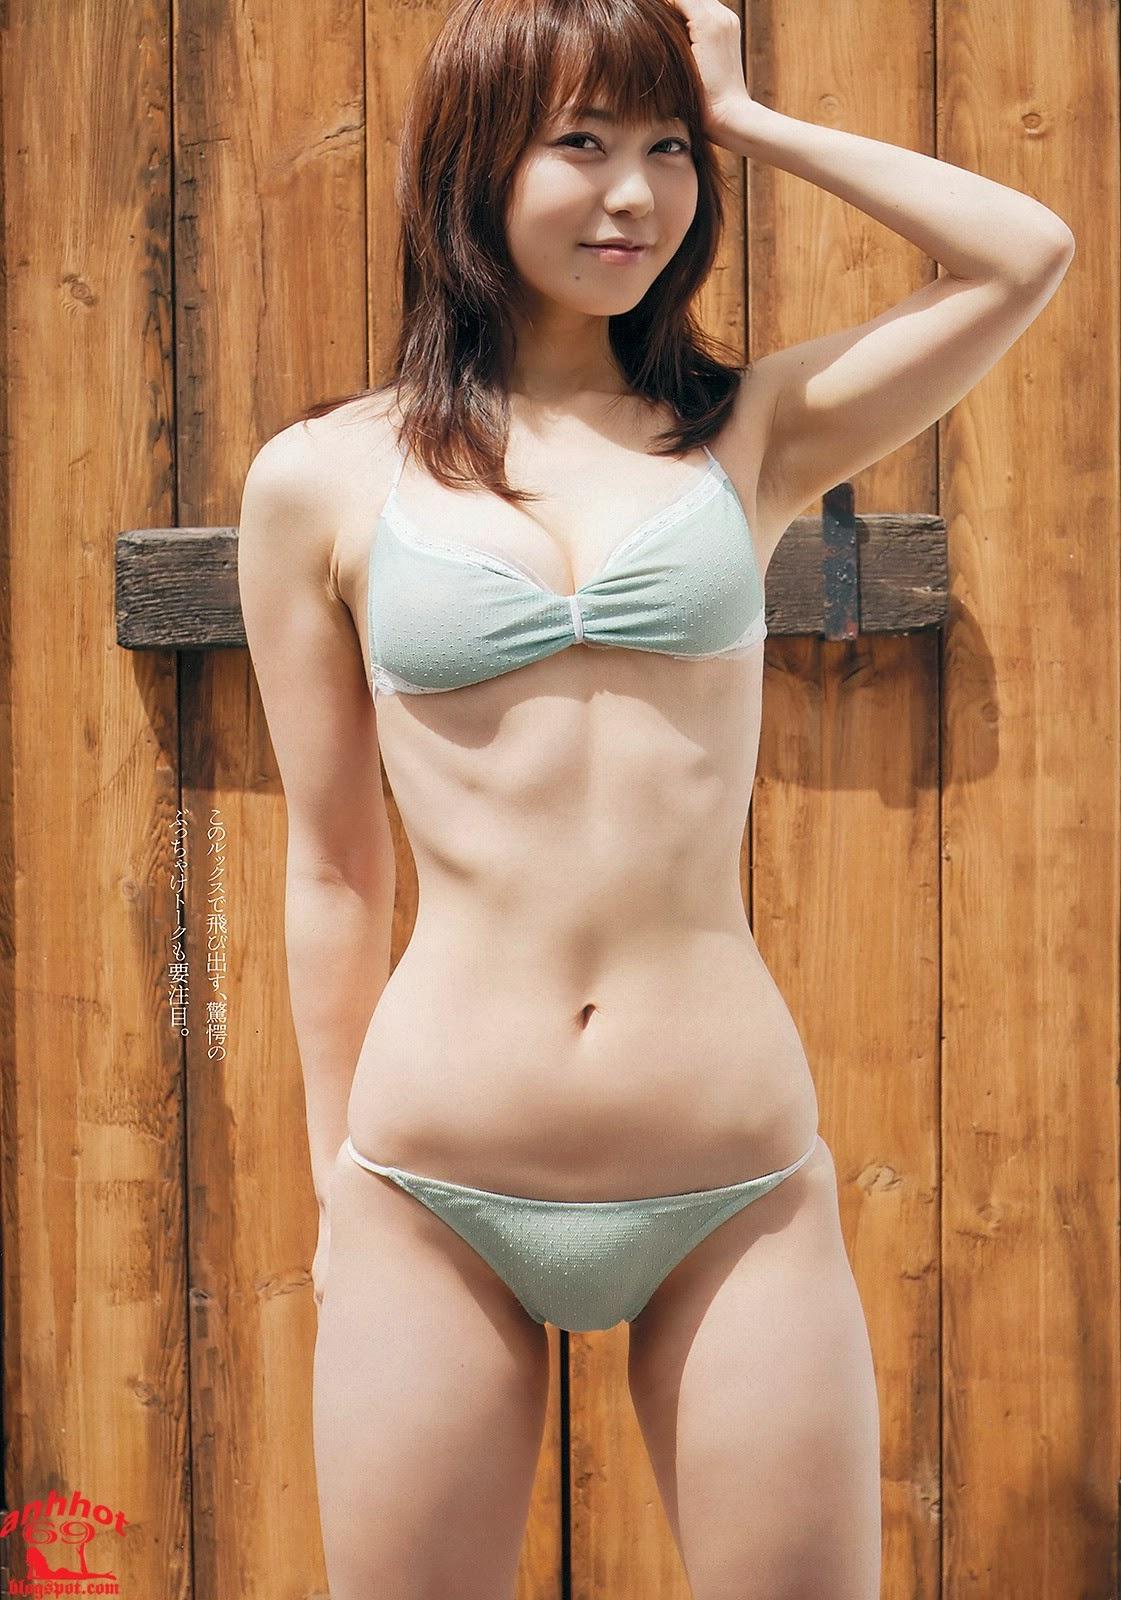 mayuko-nagasaki-02228068